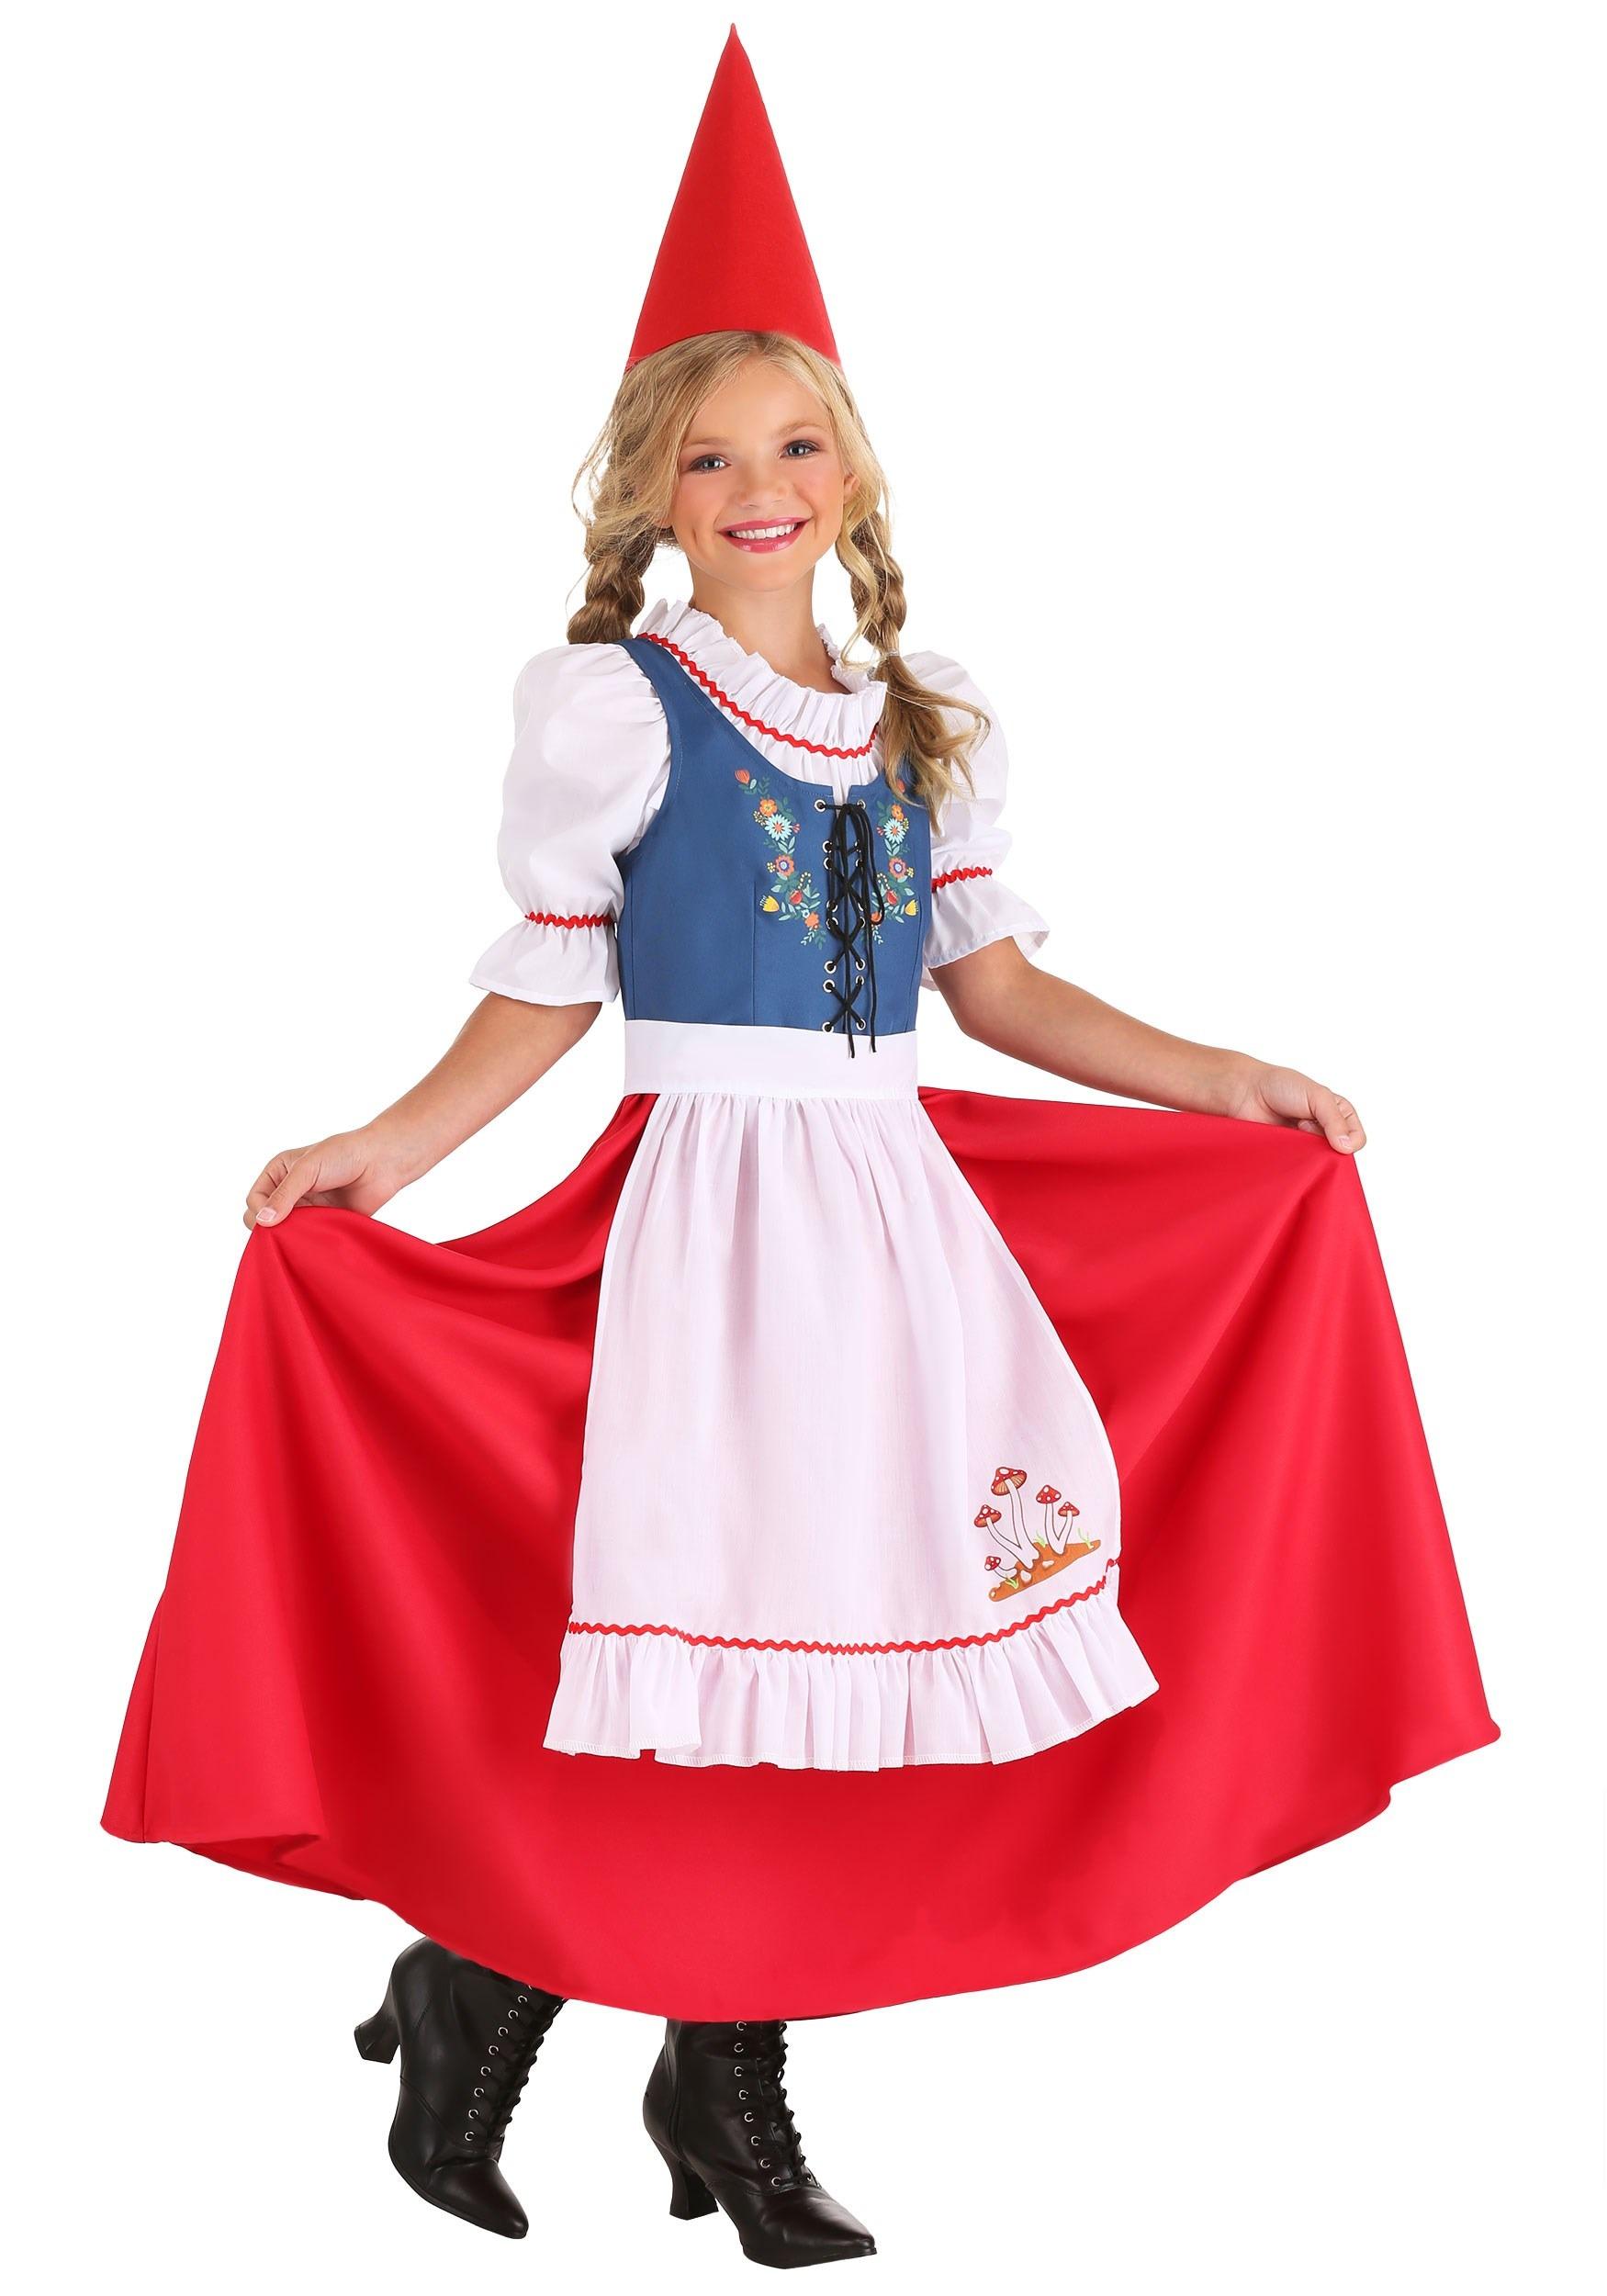 Garden Gnome Costume for Girls